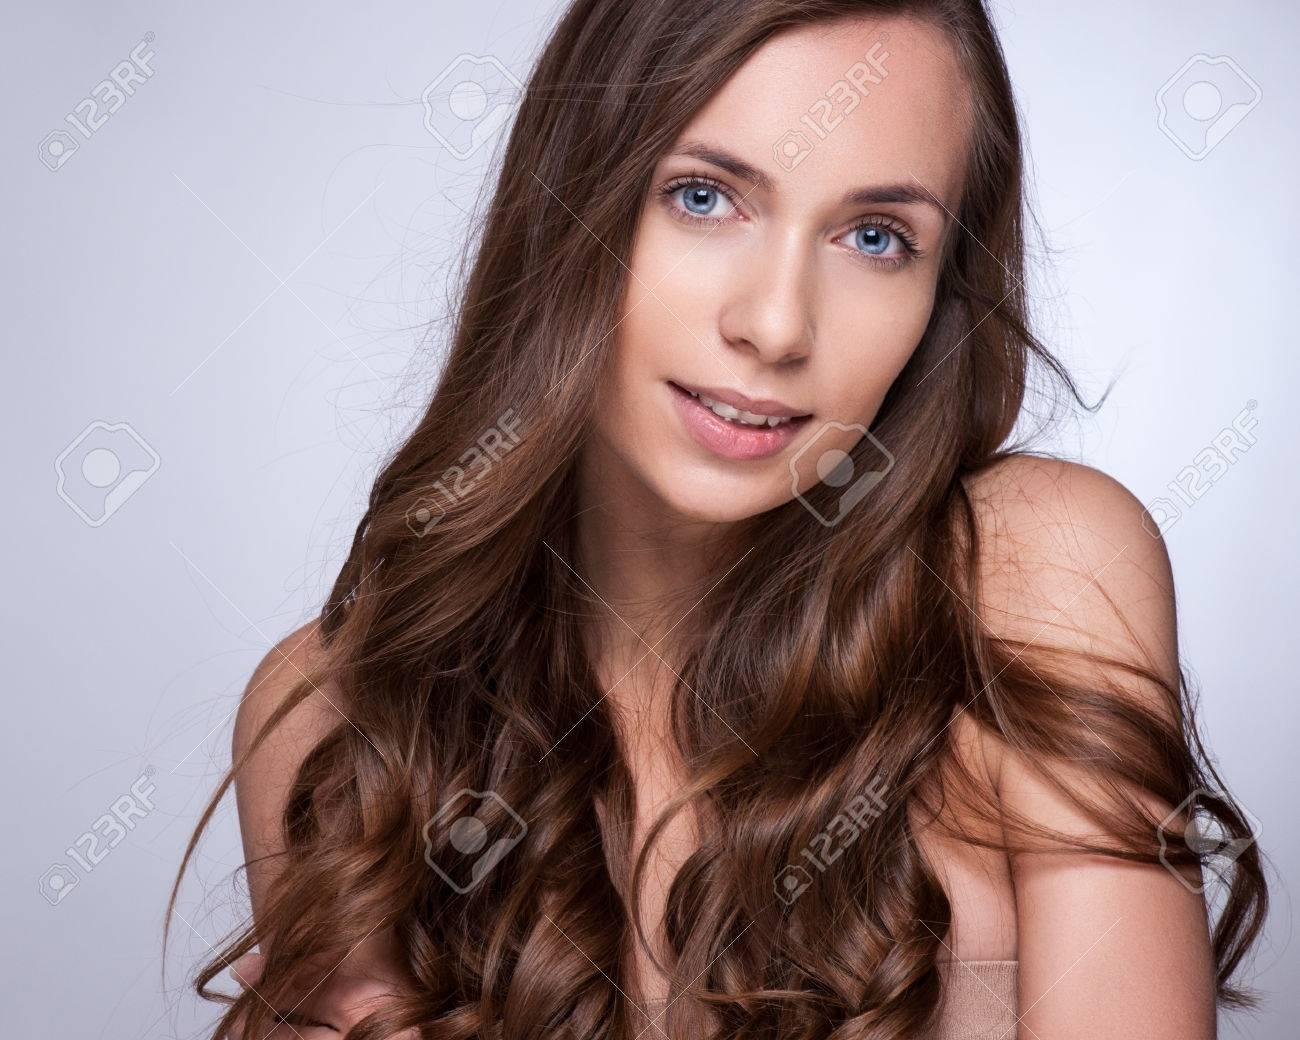 Haare Schönes Brunette Mädchen Gesundes Langes Haar Beauty Woman